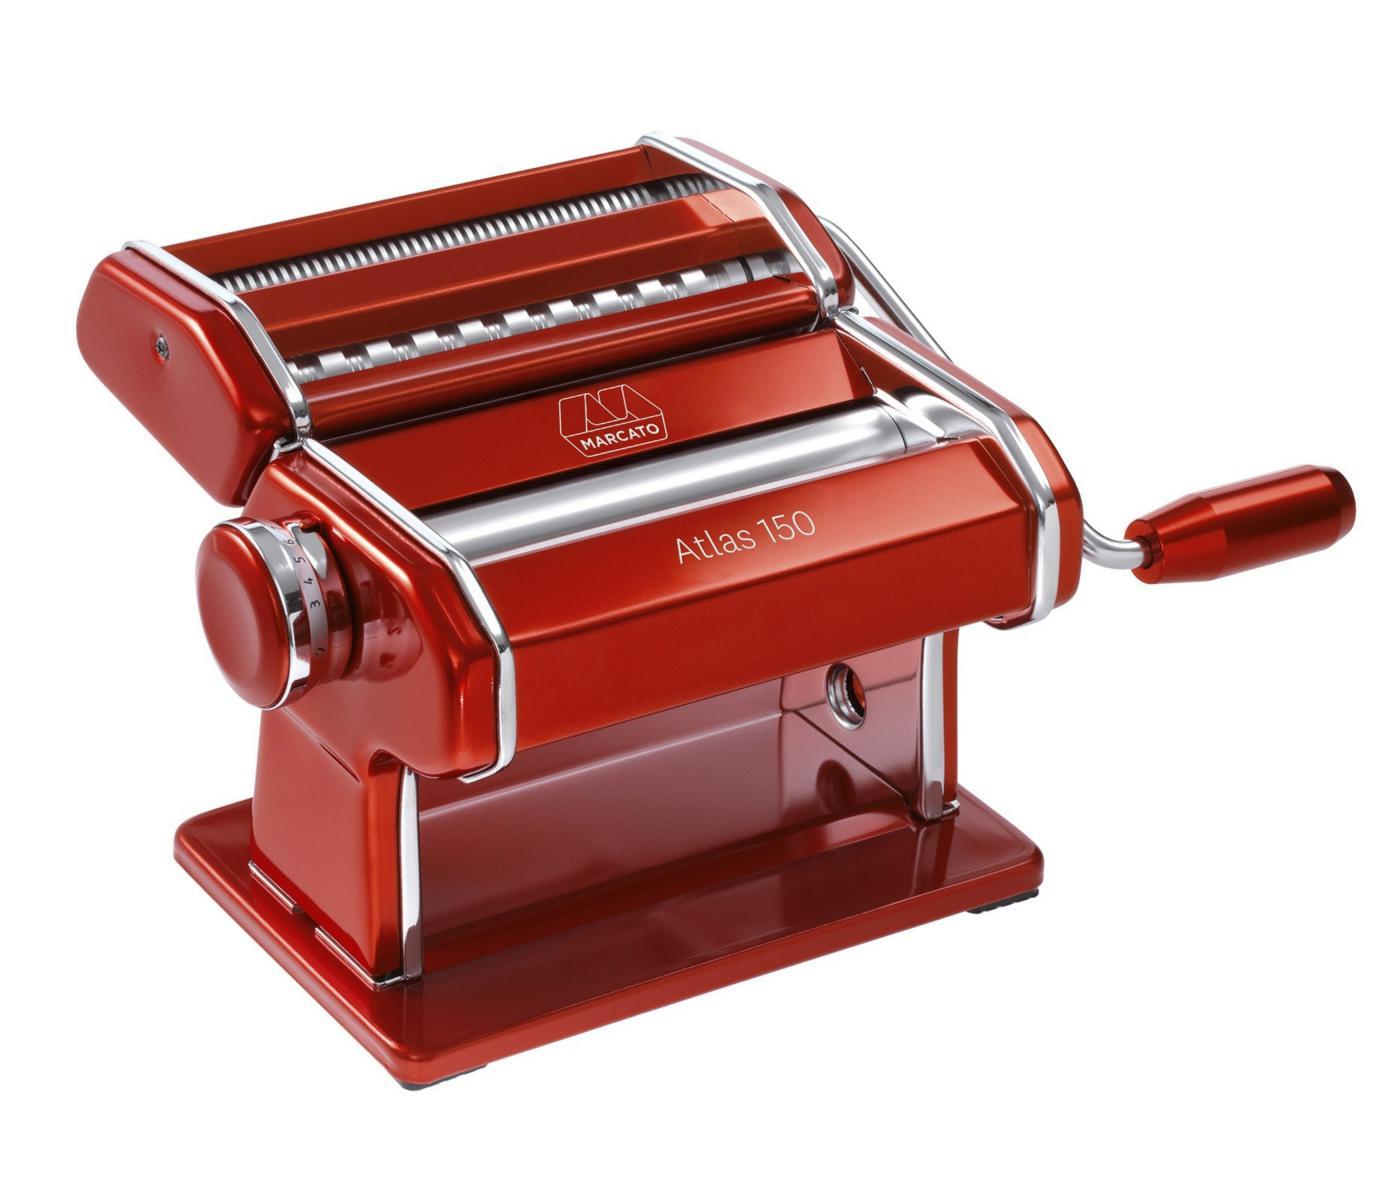 Máquina de macarrão Italiana Atlas 150  Vermelha Marcato